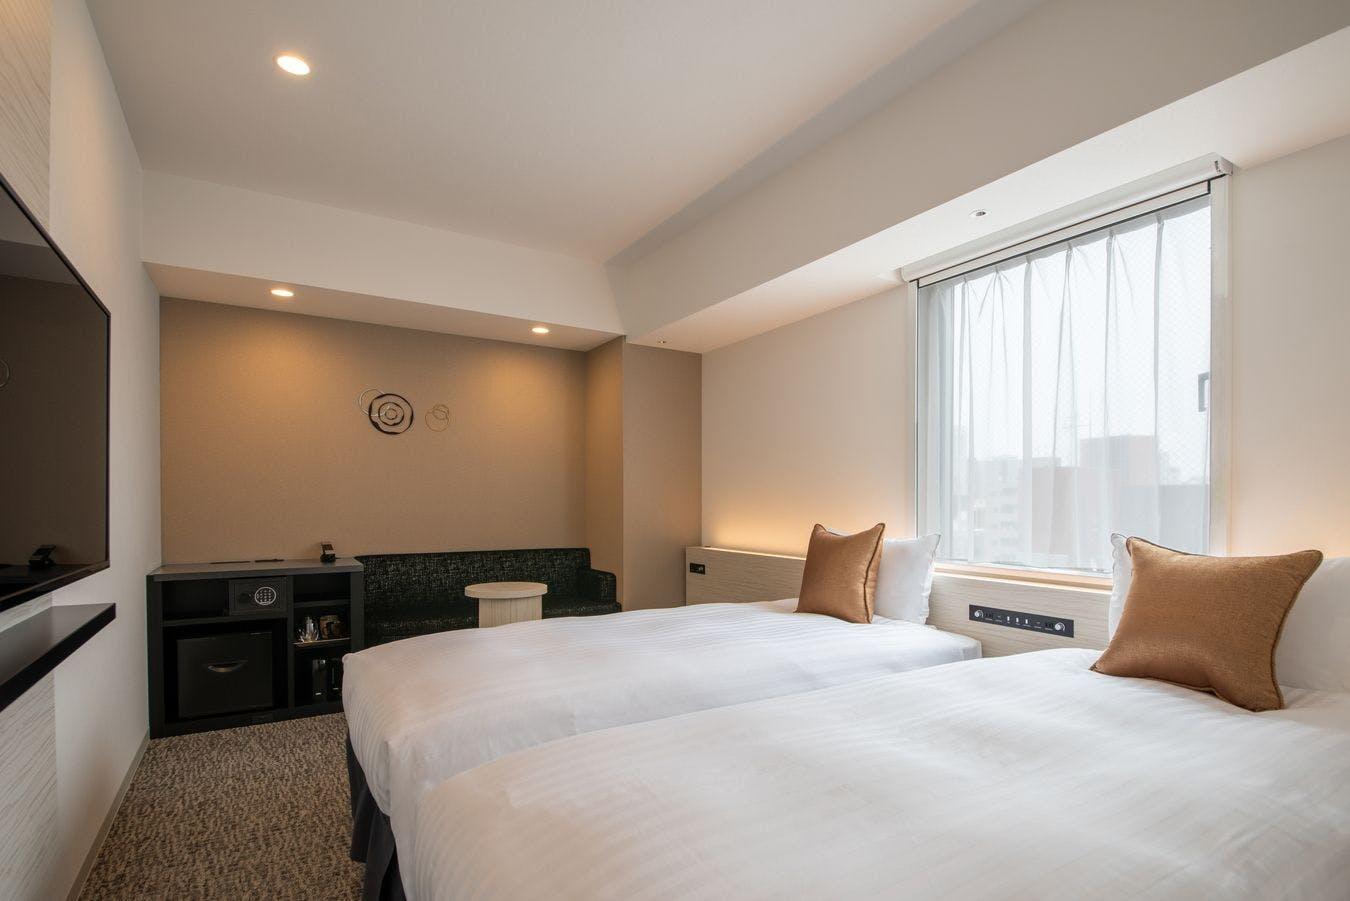 ホテル ビスタ 東京 築地